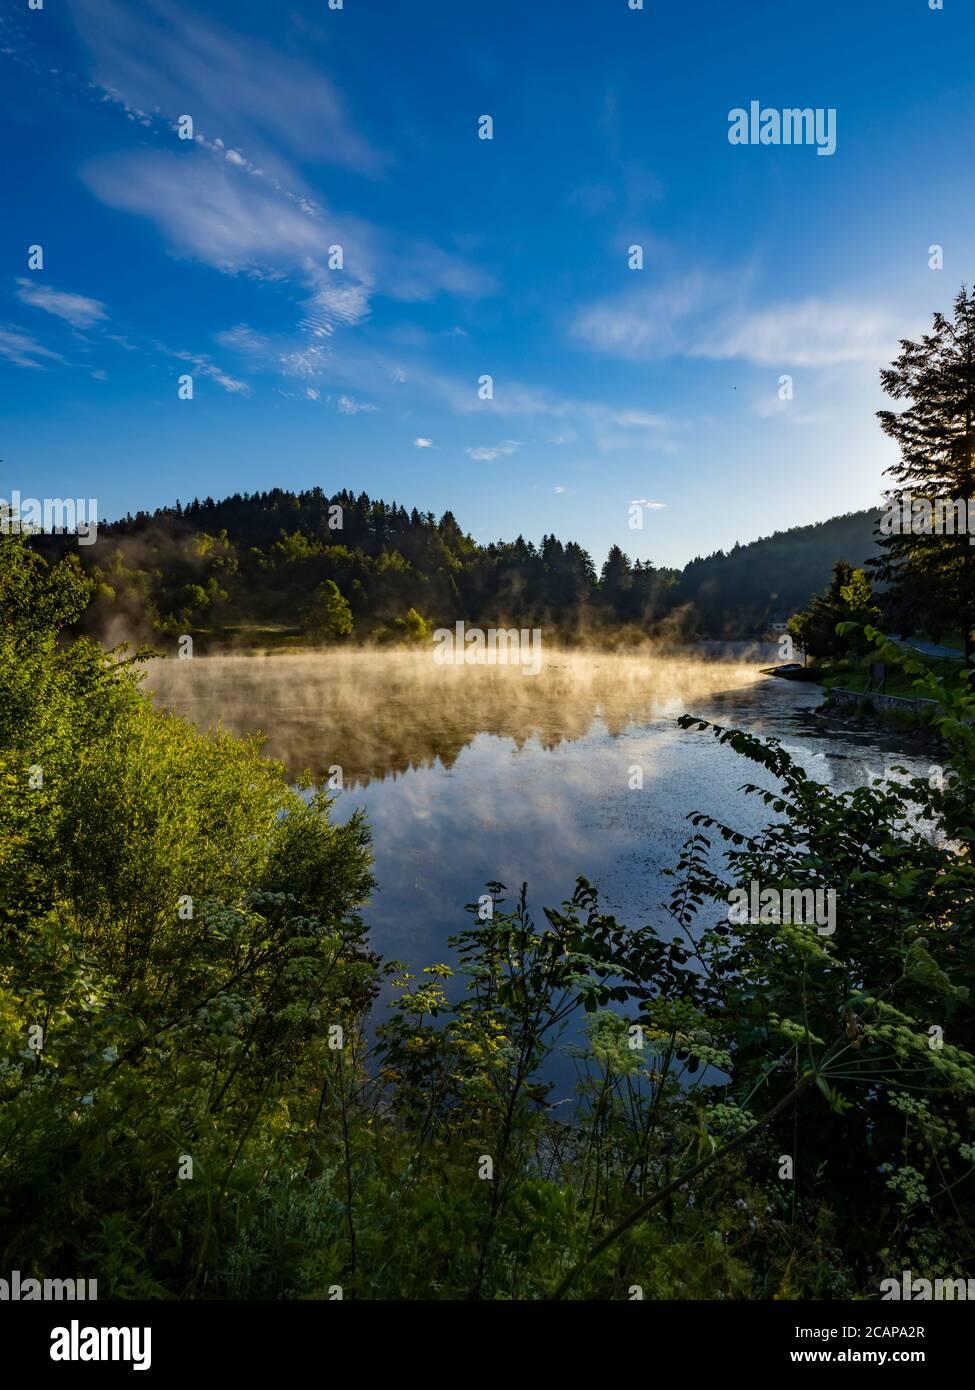 Matin brouillard brillant au-dessus de la surface de l'eau du lac Mrzla Vodica en Croatie Europe campagne campagne-côté Banque D'Images